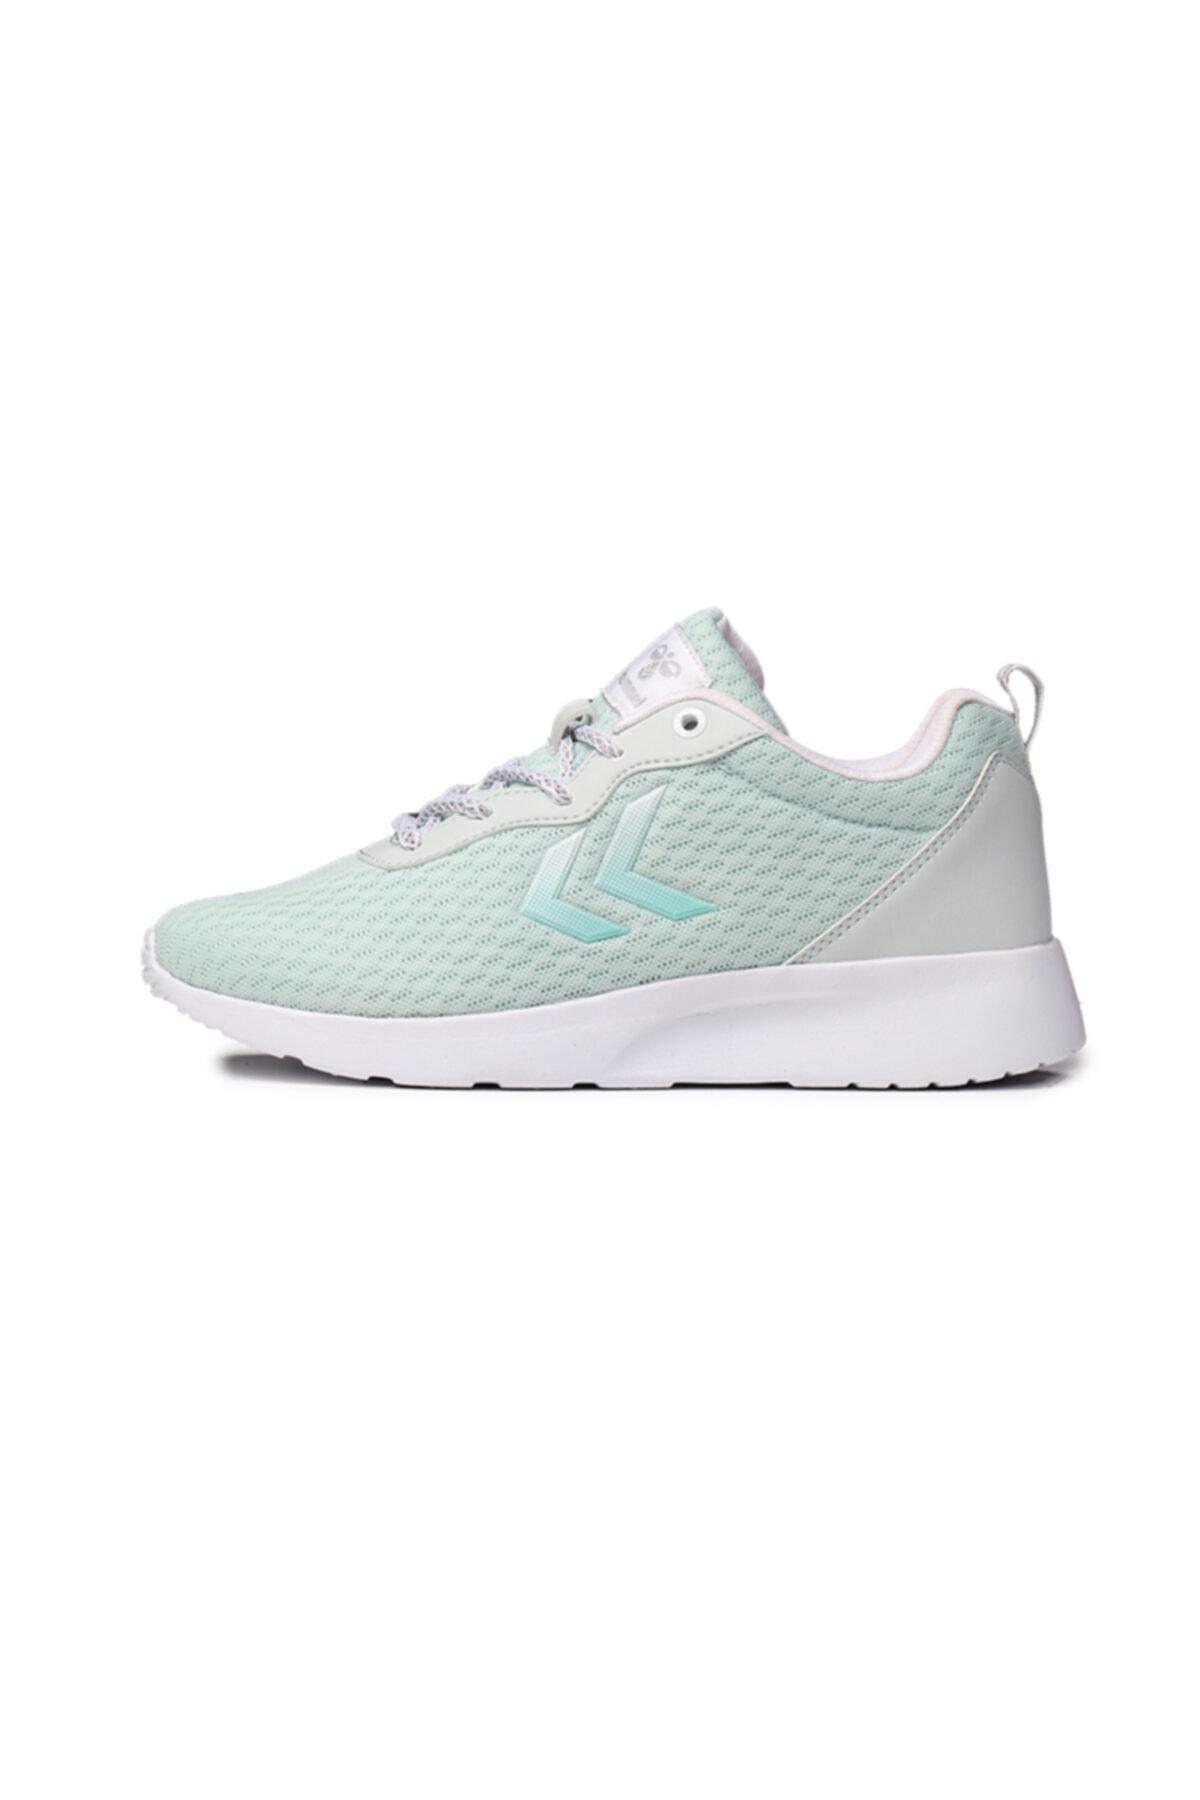 HUMMEL OSLO SNEAKER Açık Mavi Kadın Sneaker Ayakkabı 100584591 1